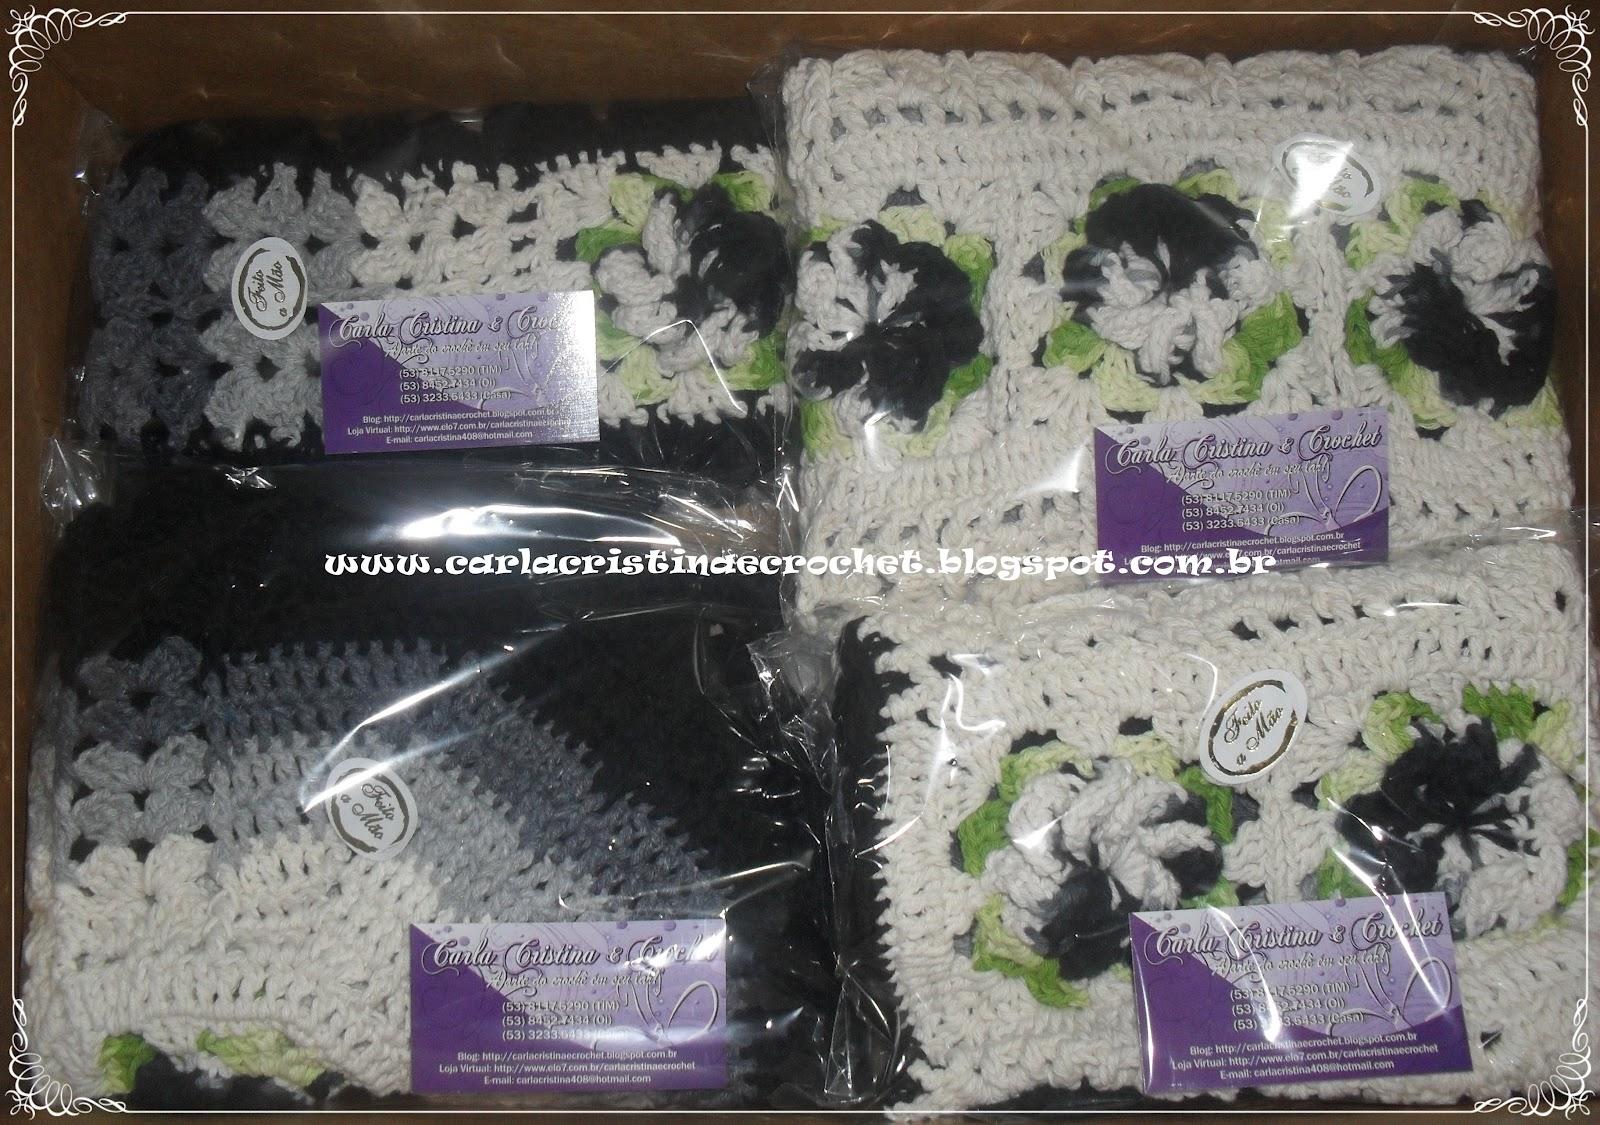 Carla Cristina & Crochet: Jogo de Banheiro em Degradê Cinza e Preto #5B4736 1600x1125 Banheiro Cinza E Preto